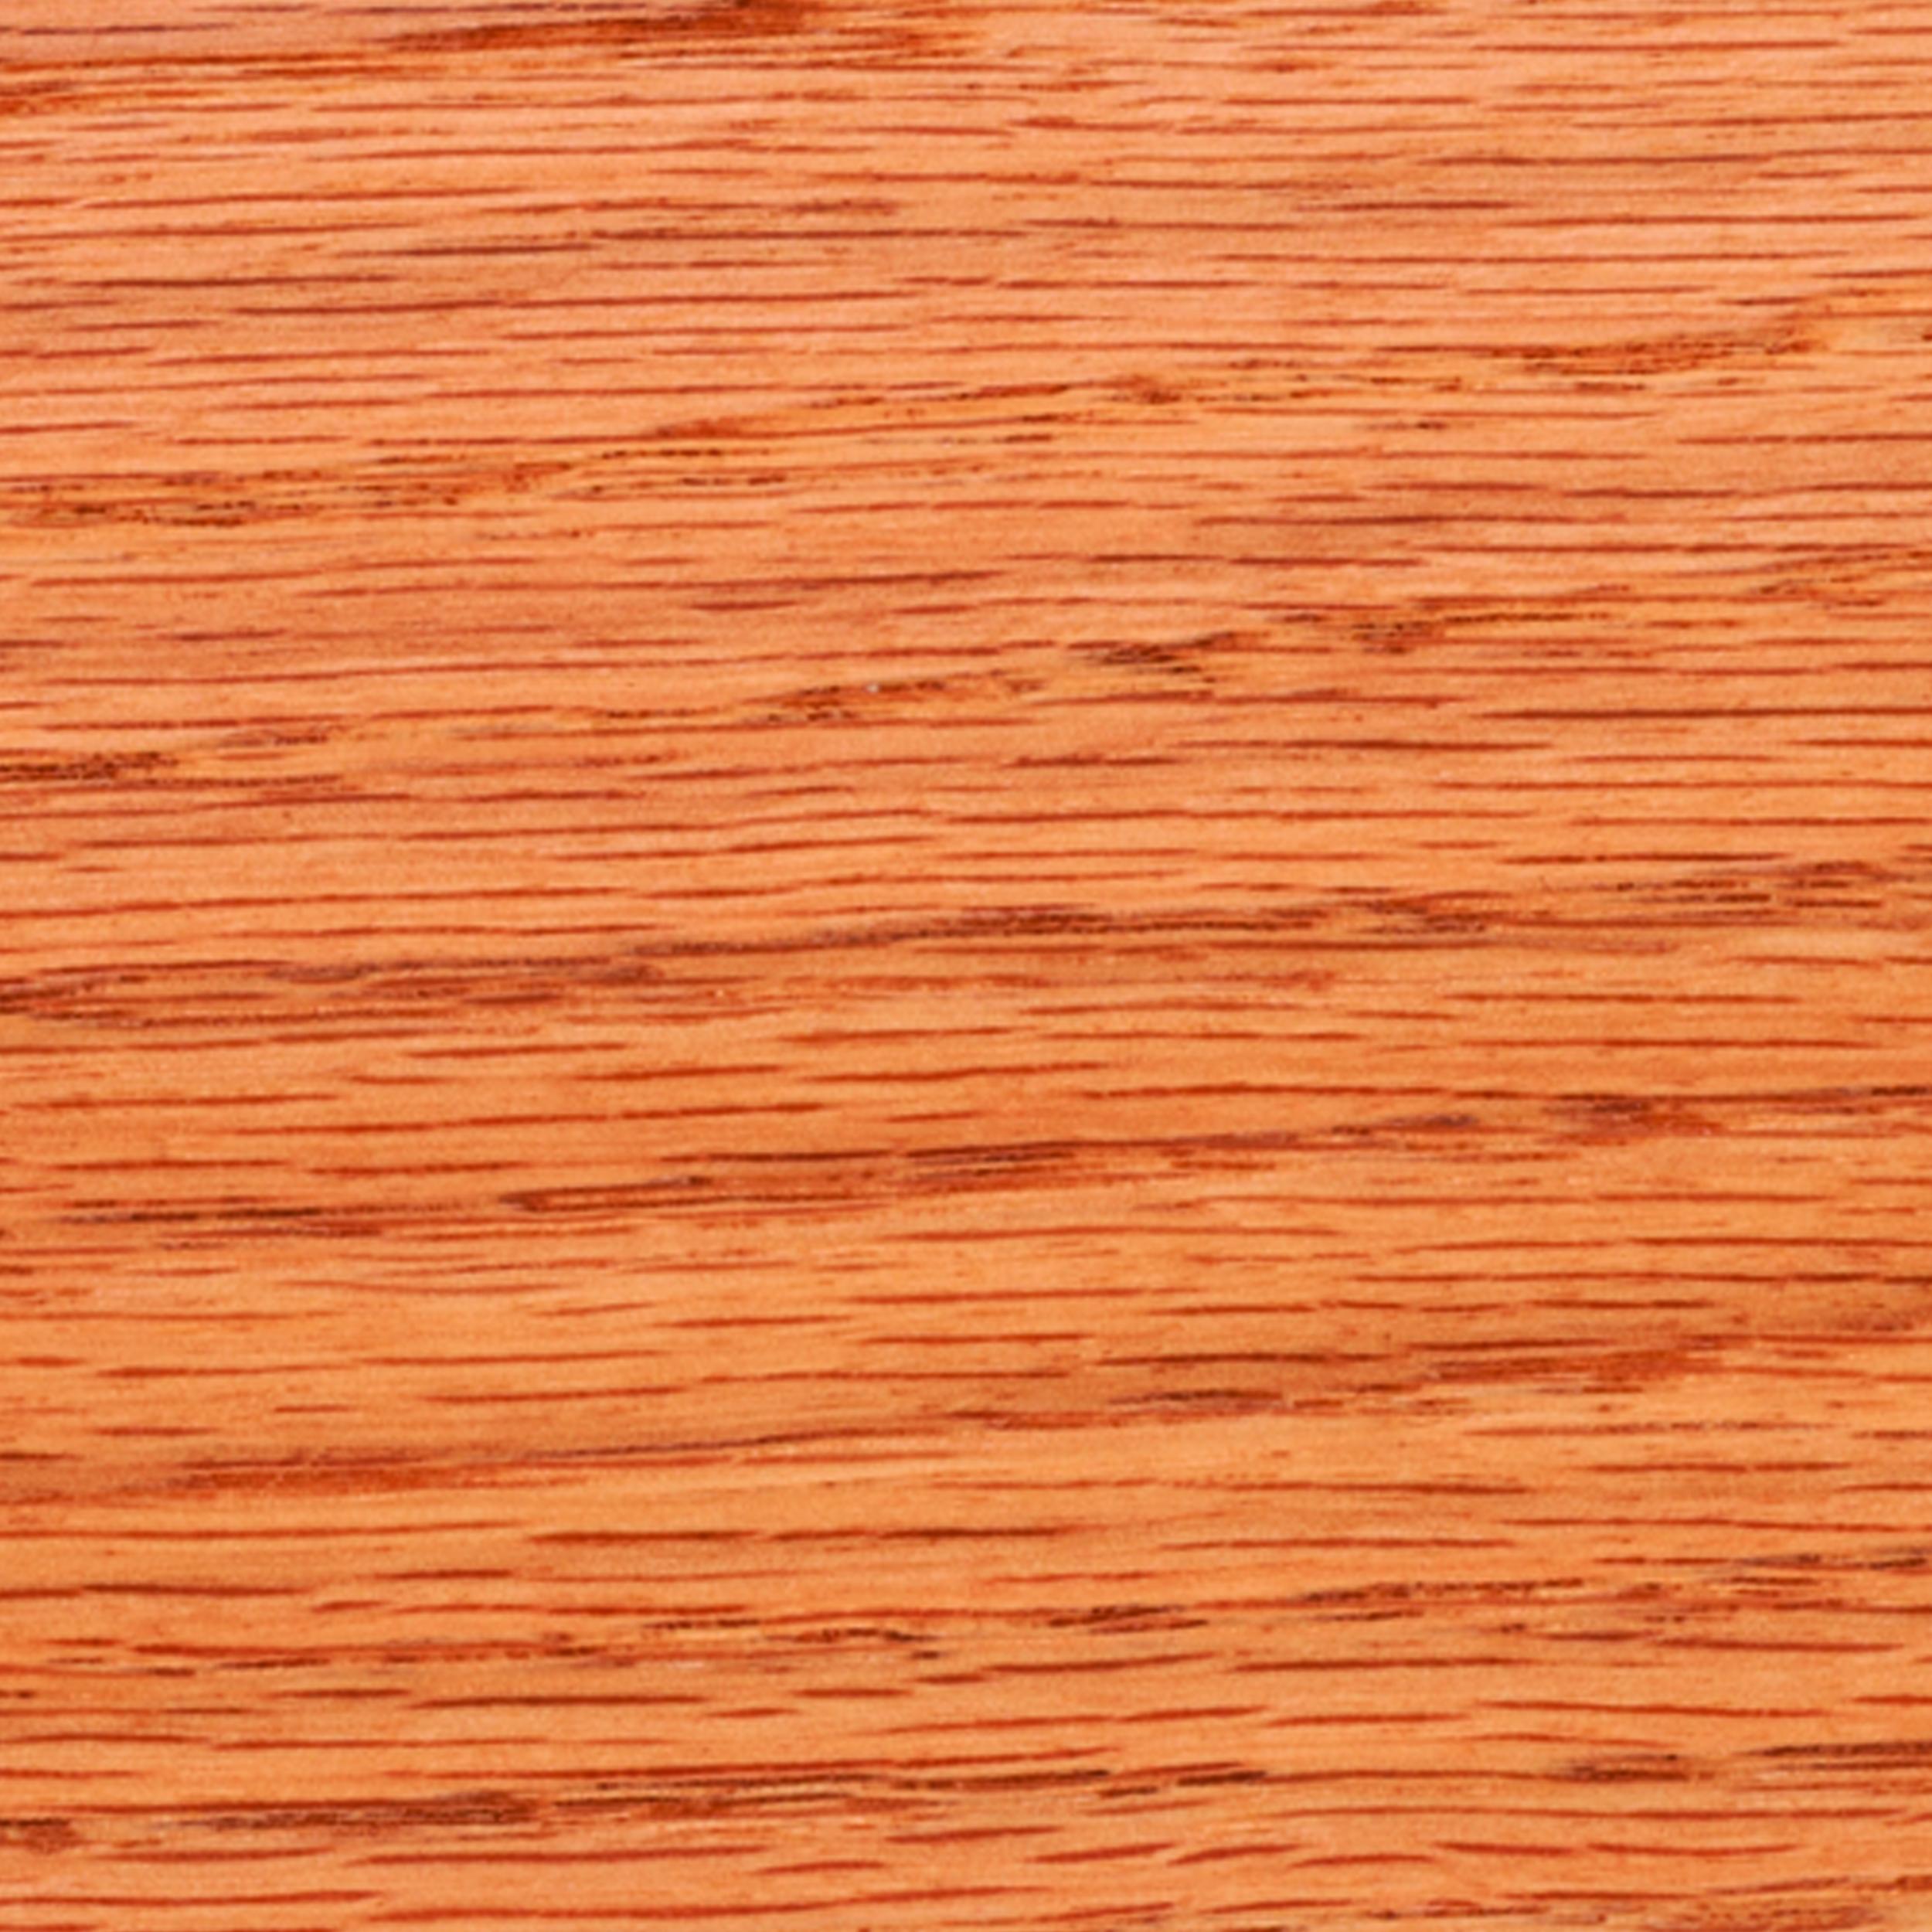 Oak, Red 3/4